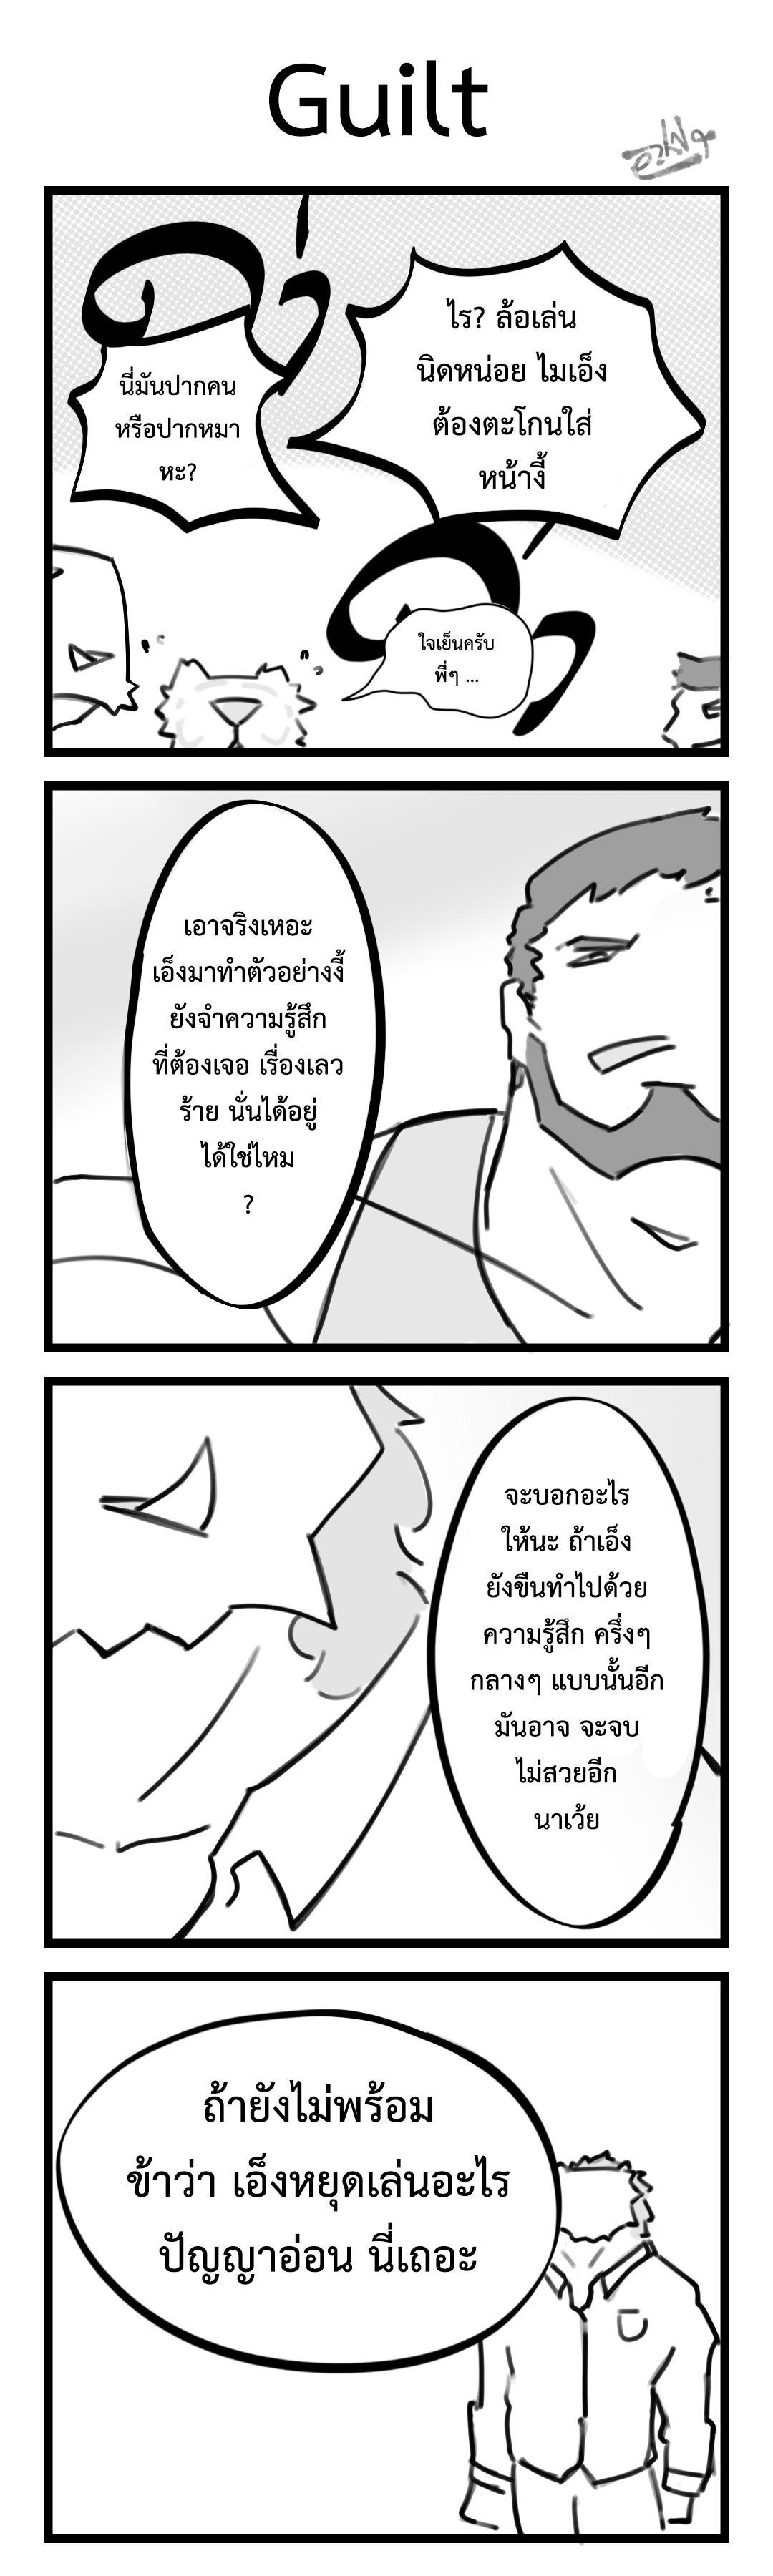 33 - Guilt